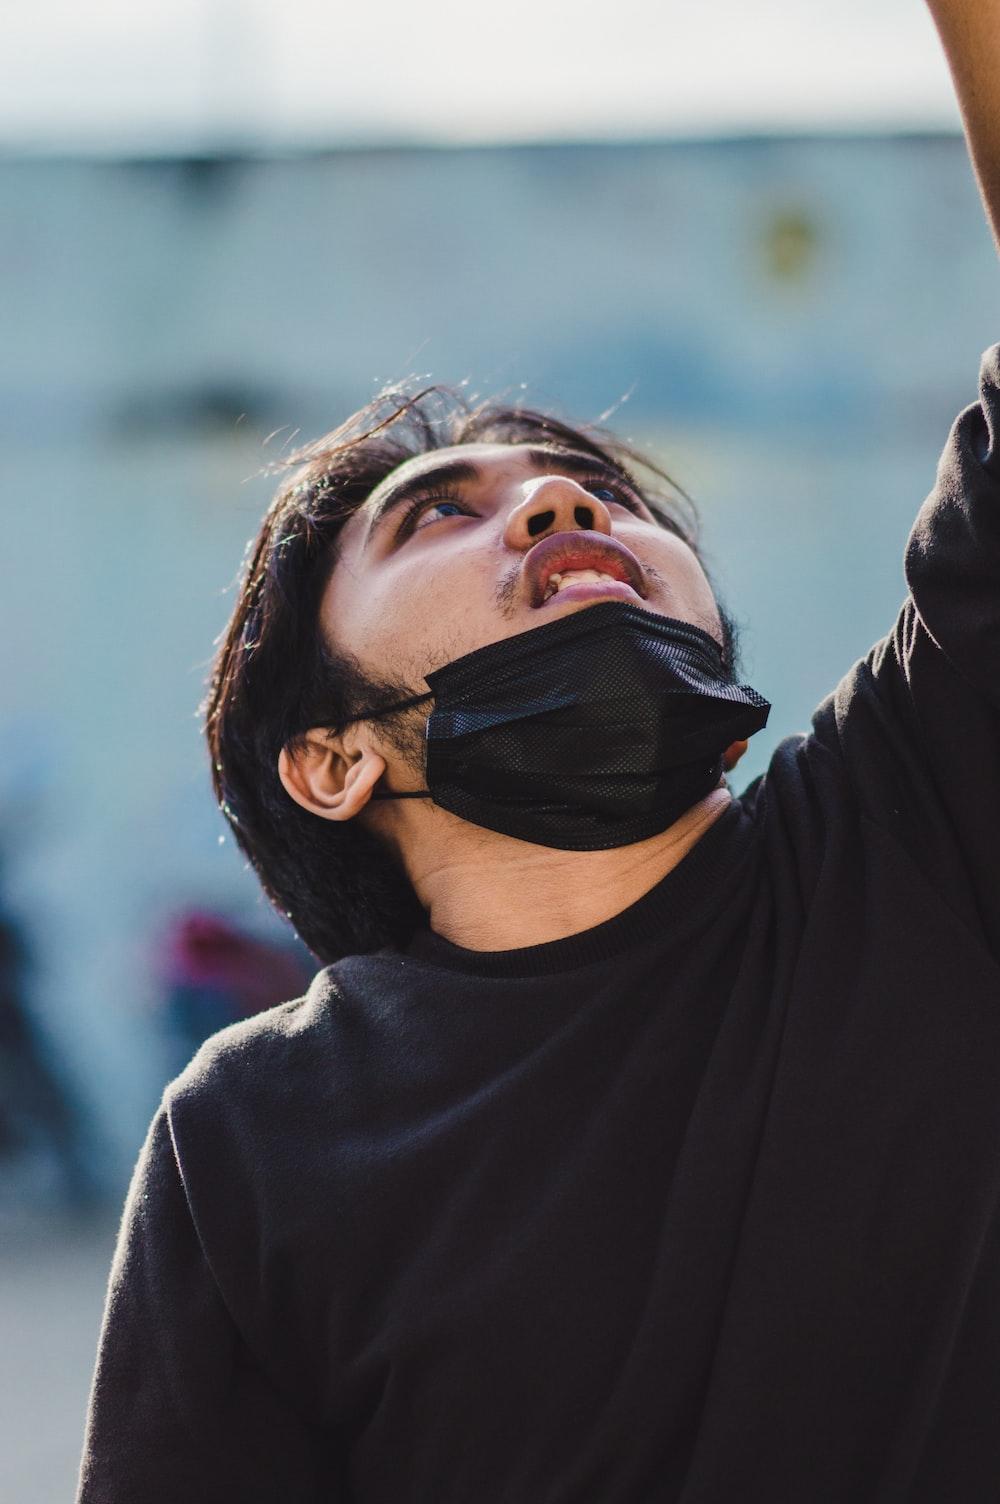 man in black turtleneck sweater wearing black mask